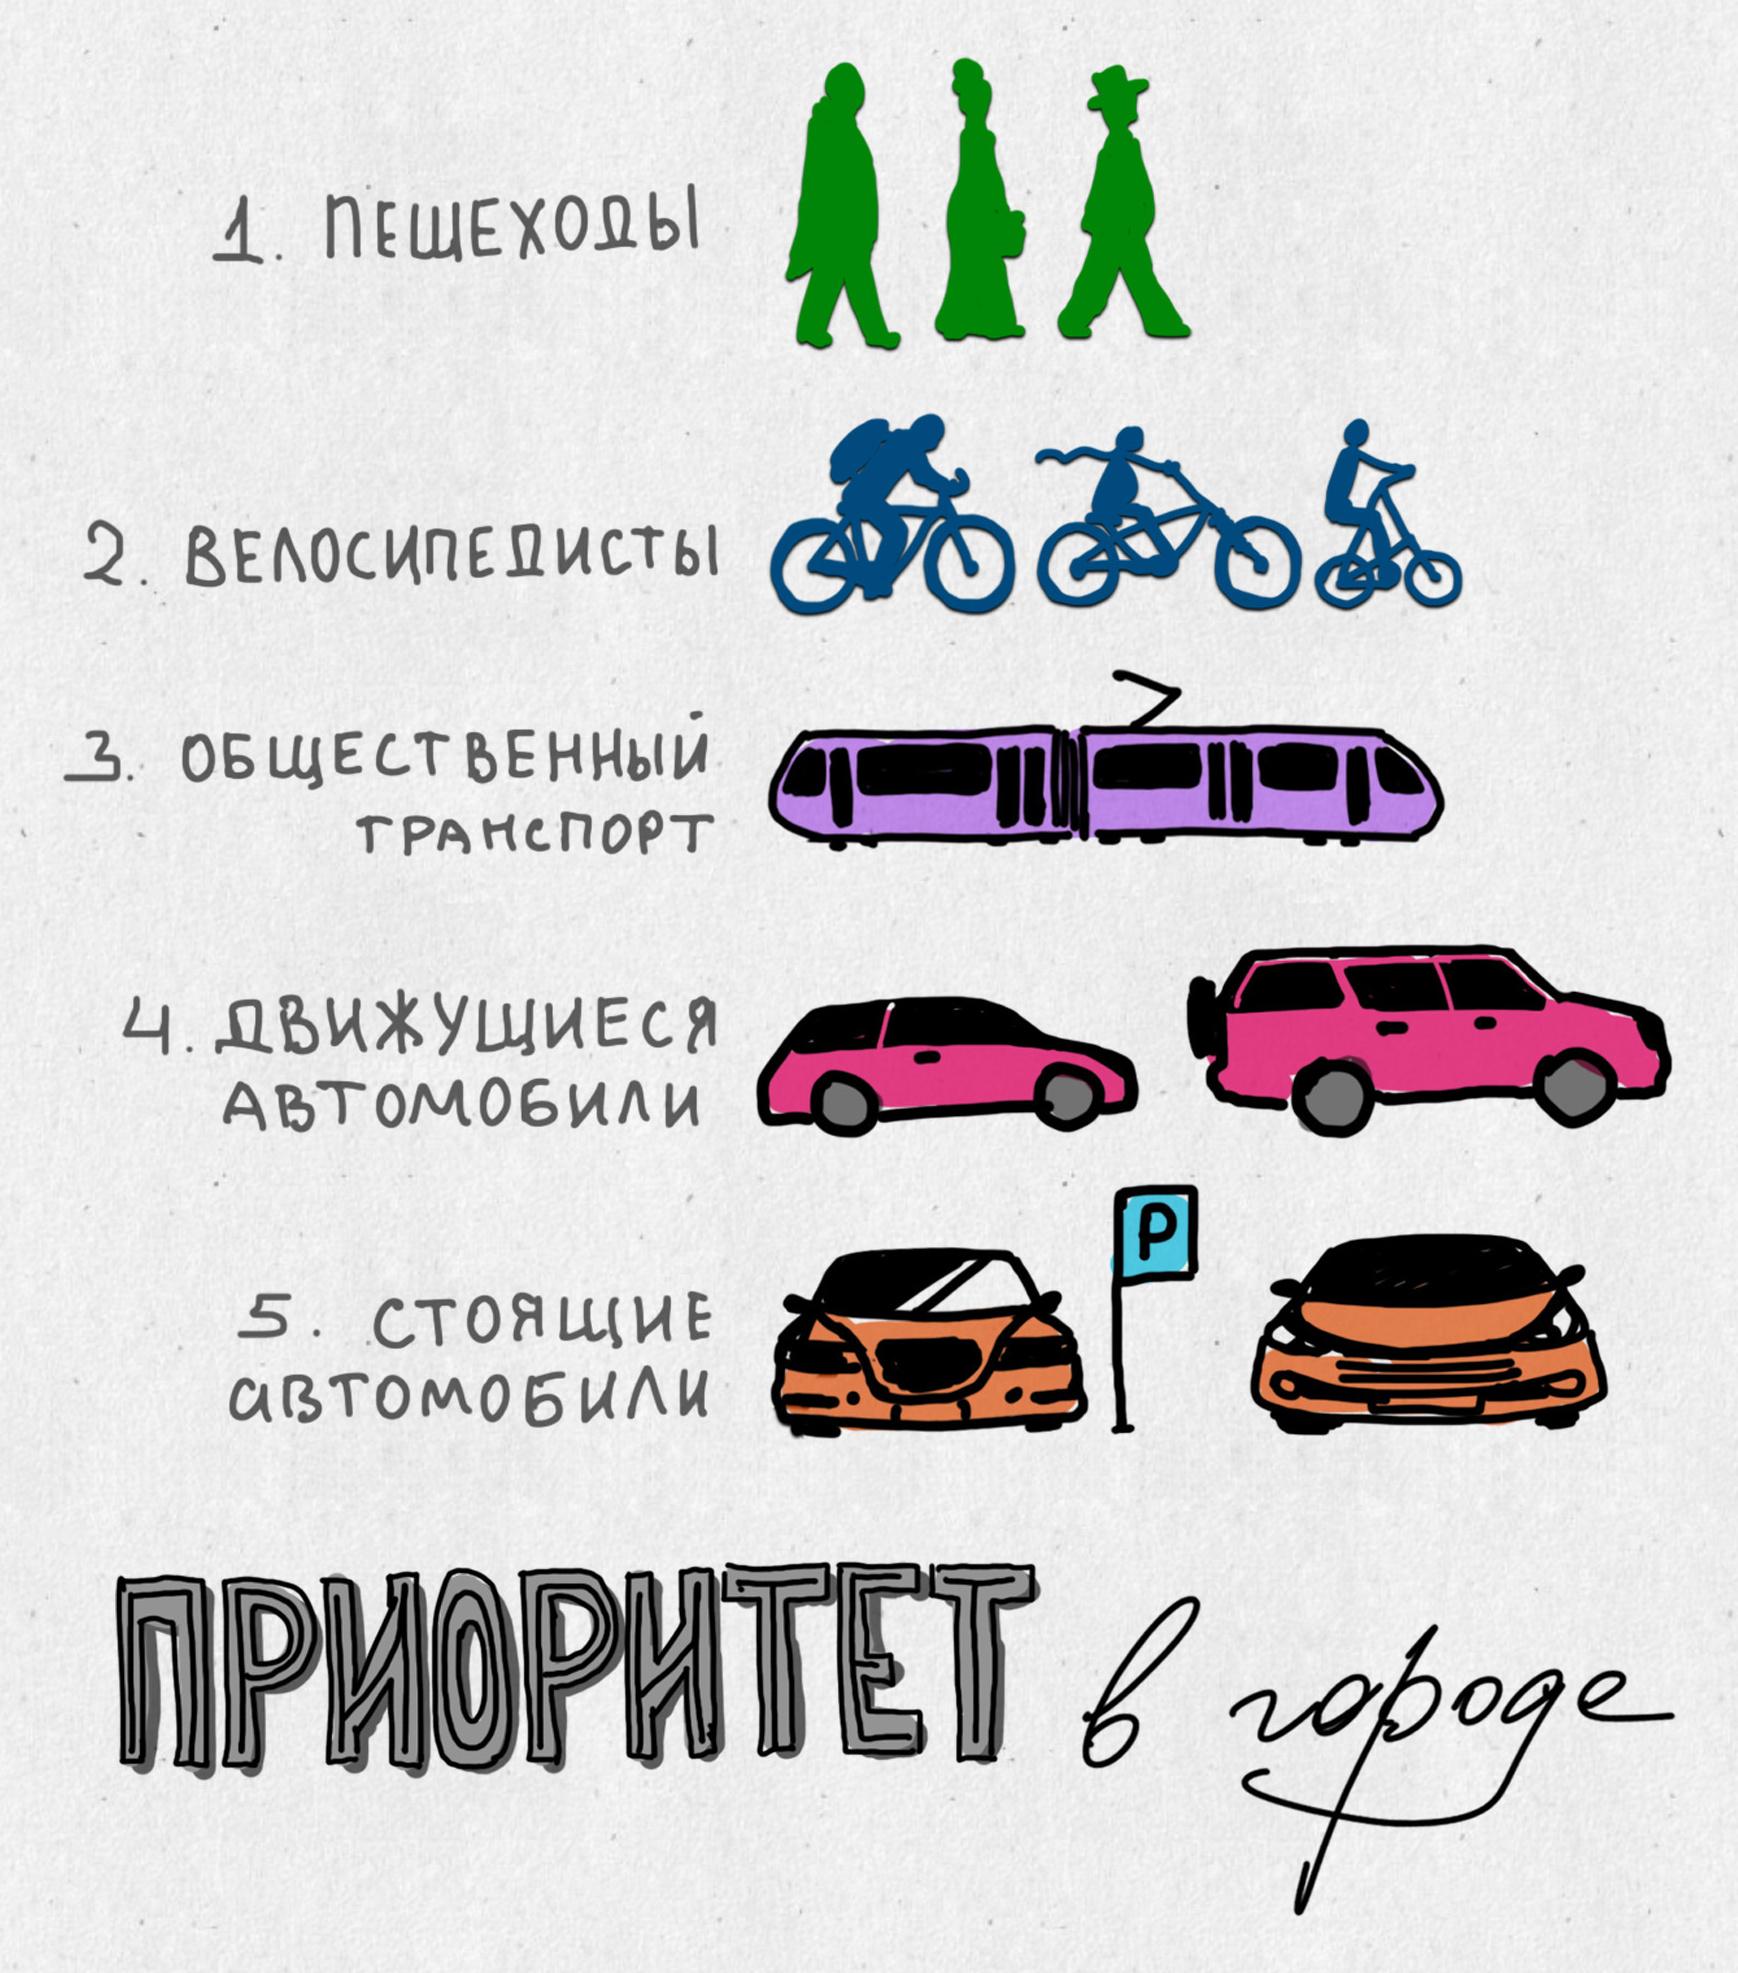 http://upload.wikimedia.org/wikipedia/commons/e/e9/Prioritet_dlya-vystavki-Gorodskikh-proektov.jpg